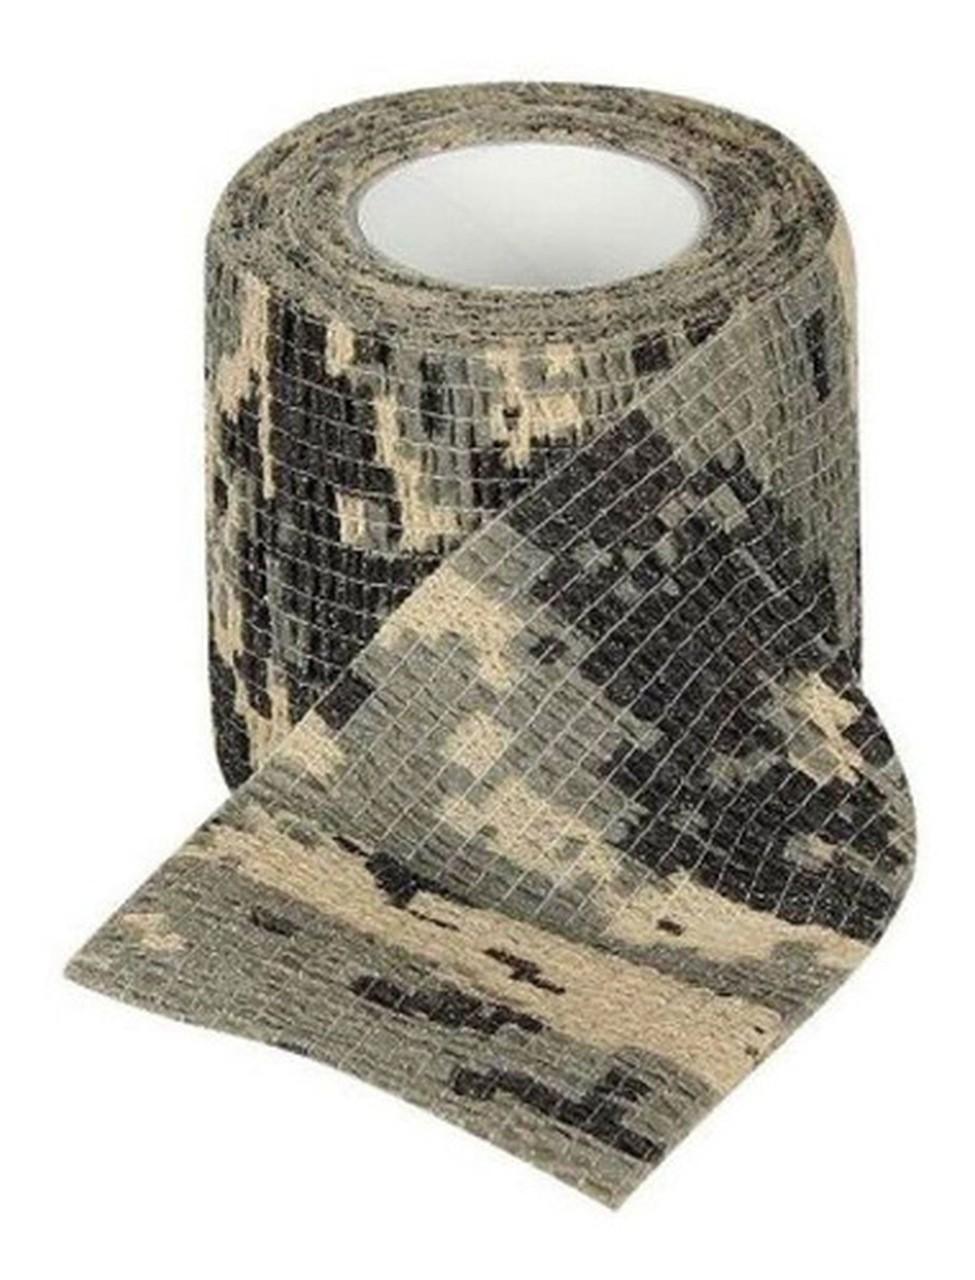 Fita para proteção e camuflagem FT-03 Albatroz Fishing